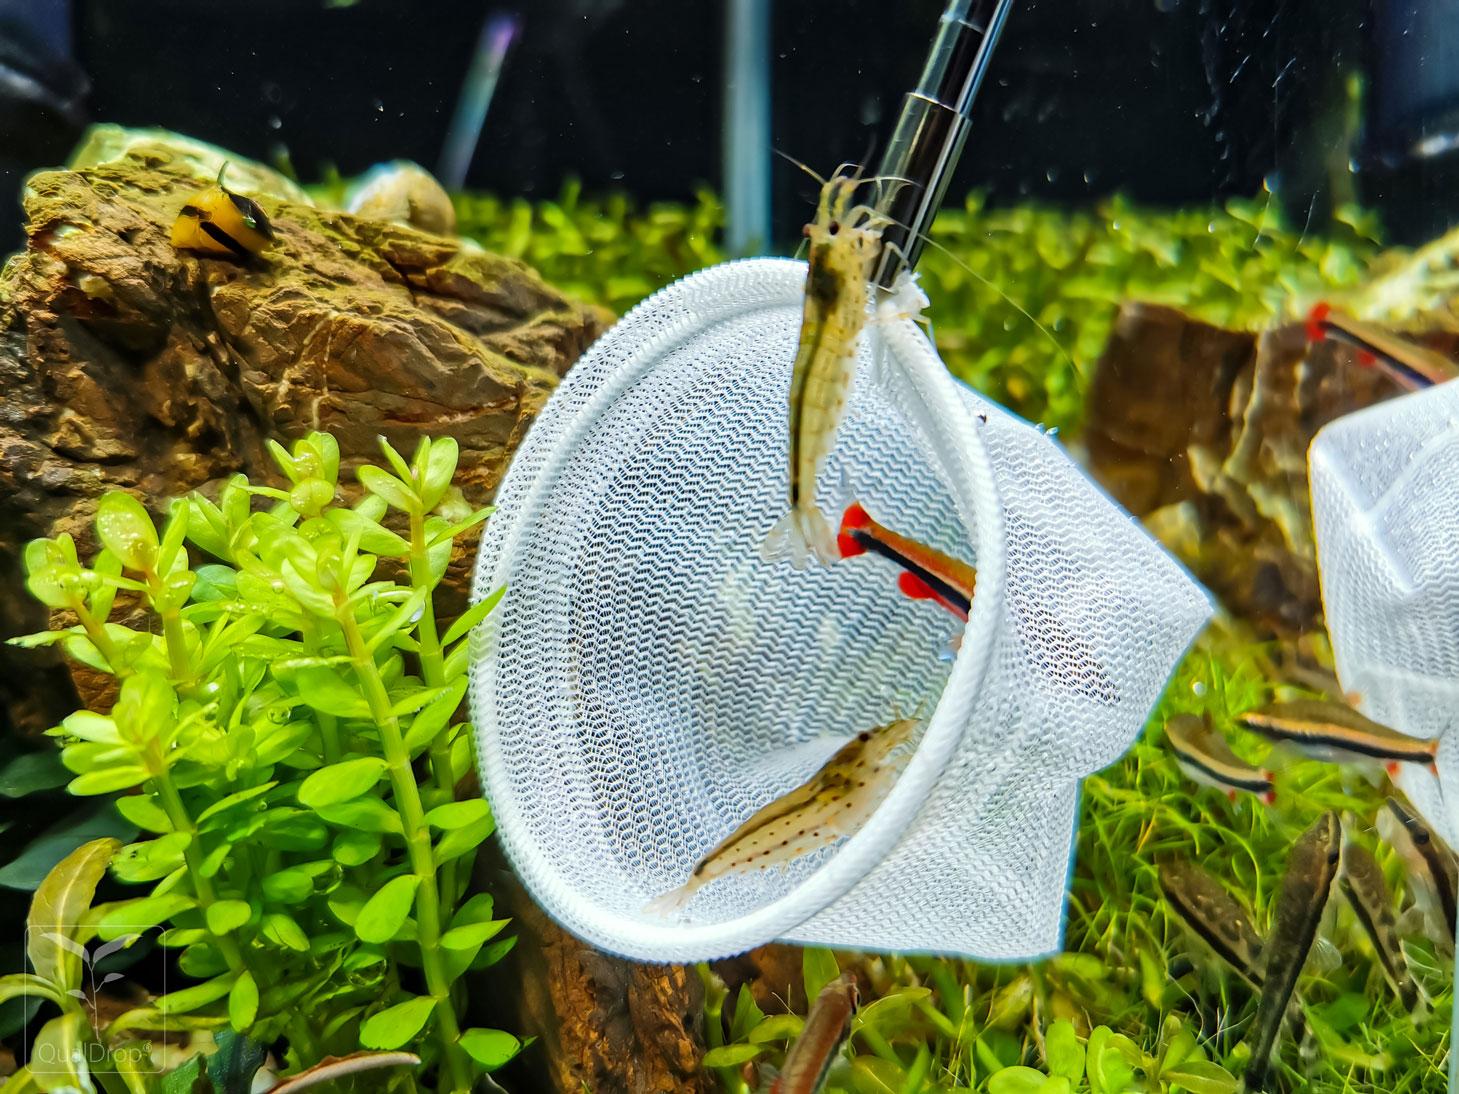 Siateczka akwarystyczna - Shrimp net